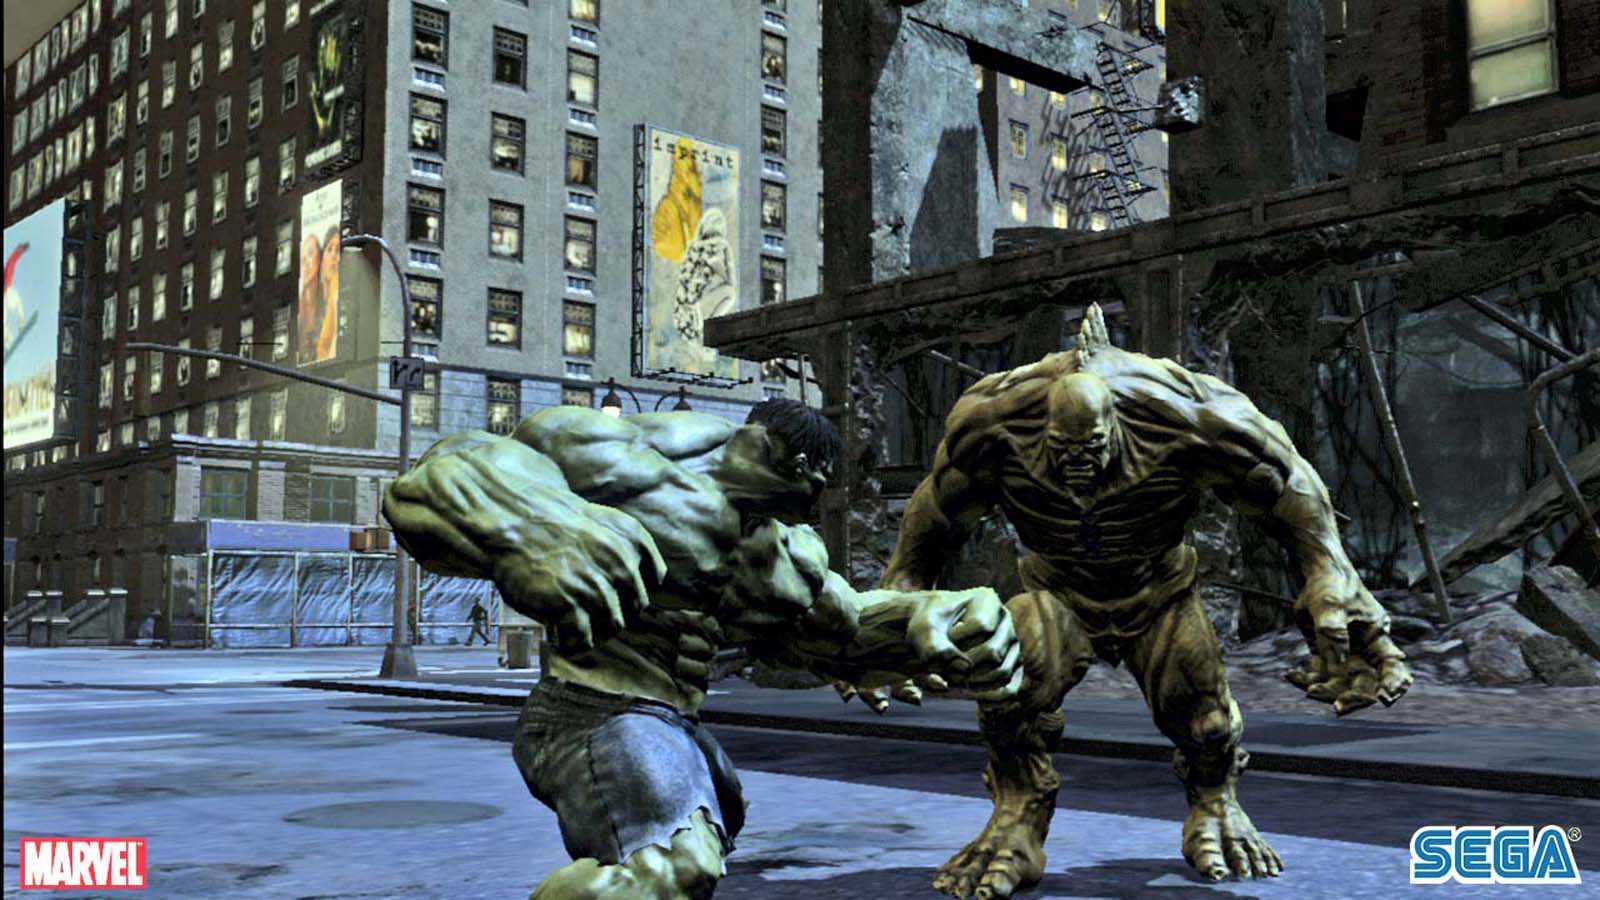 تحميل لعبة The Incredible Hulk مضغوطة برابط واحد مباشر كاملة مجانا